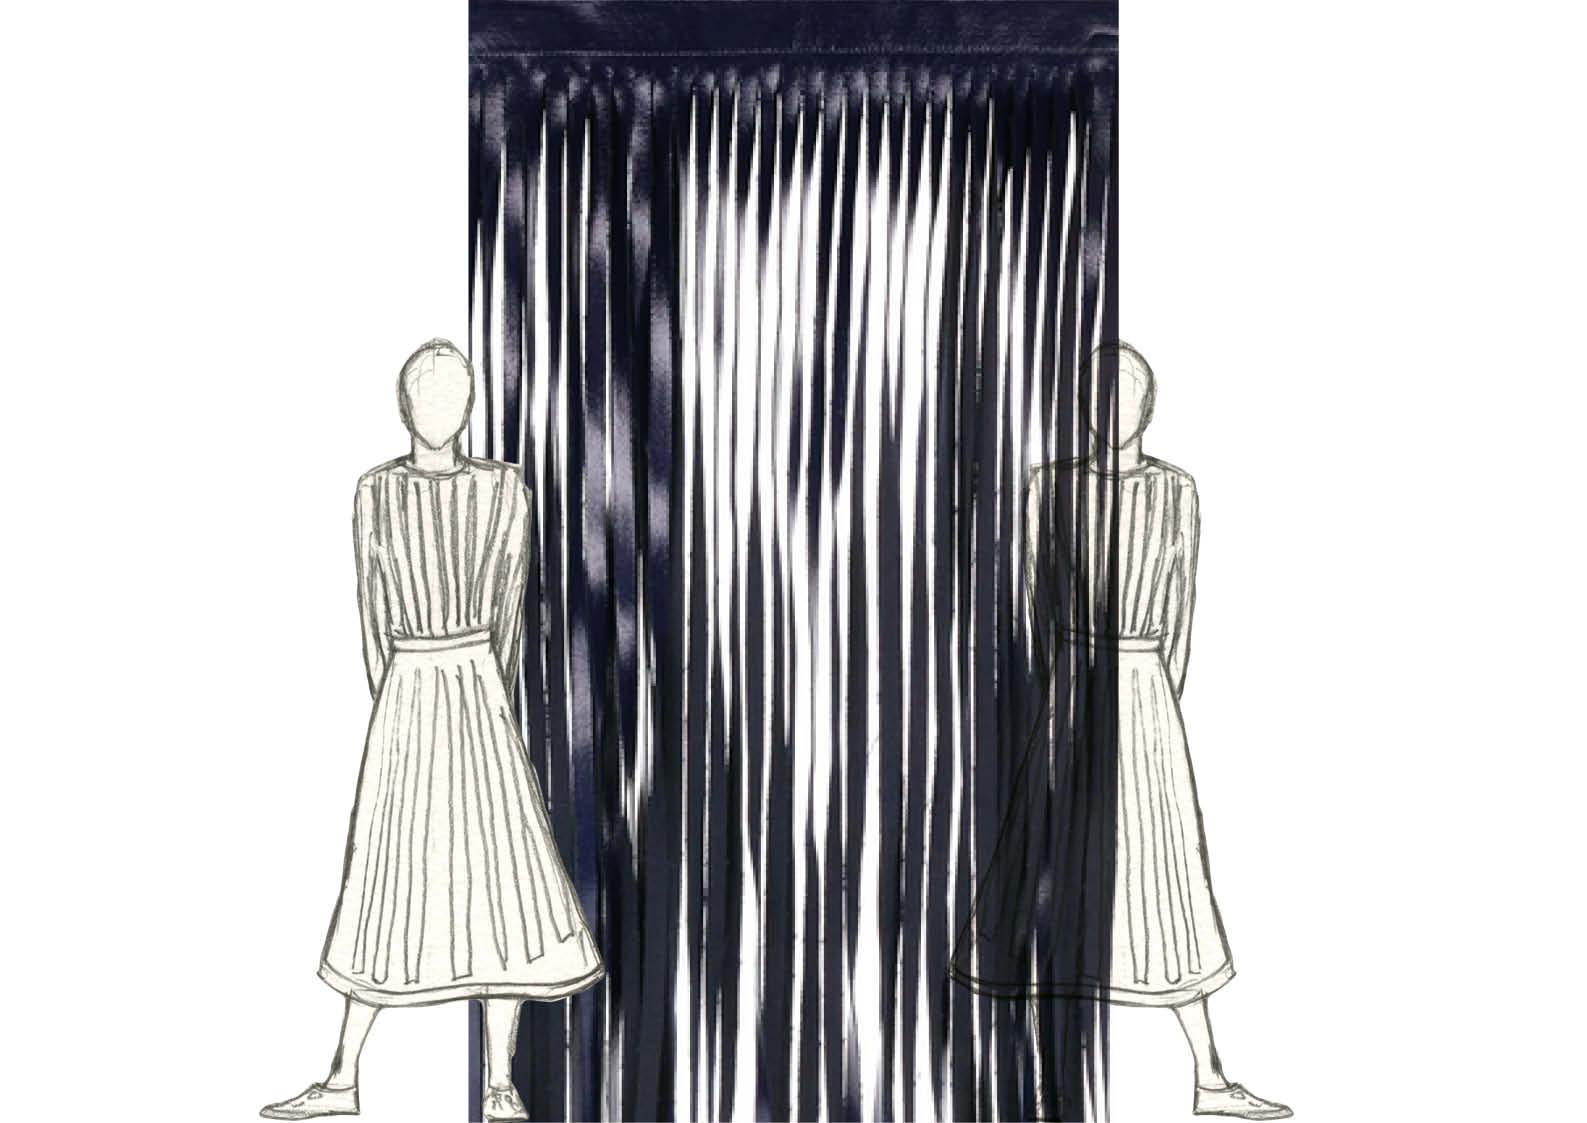 web-progetto-sfilata-di-moda-sara-lanzi-di-sonia-giambrone13